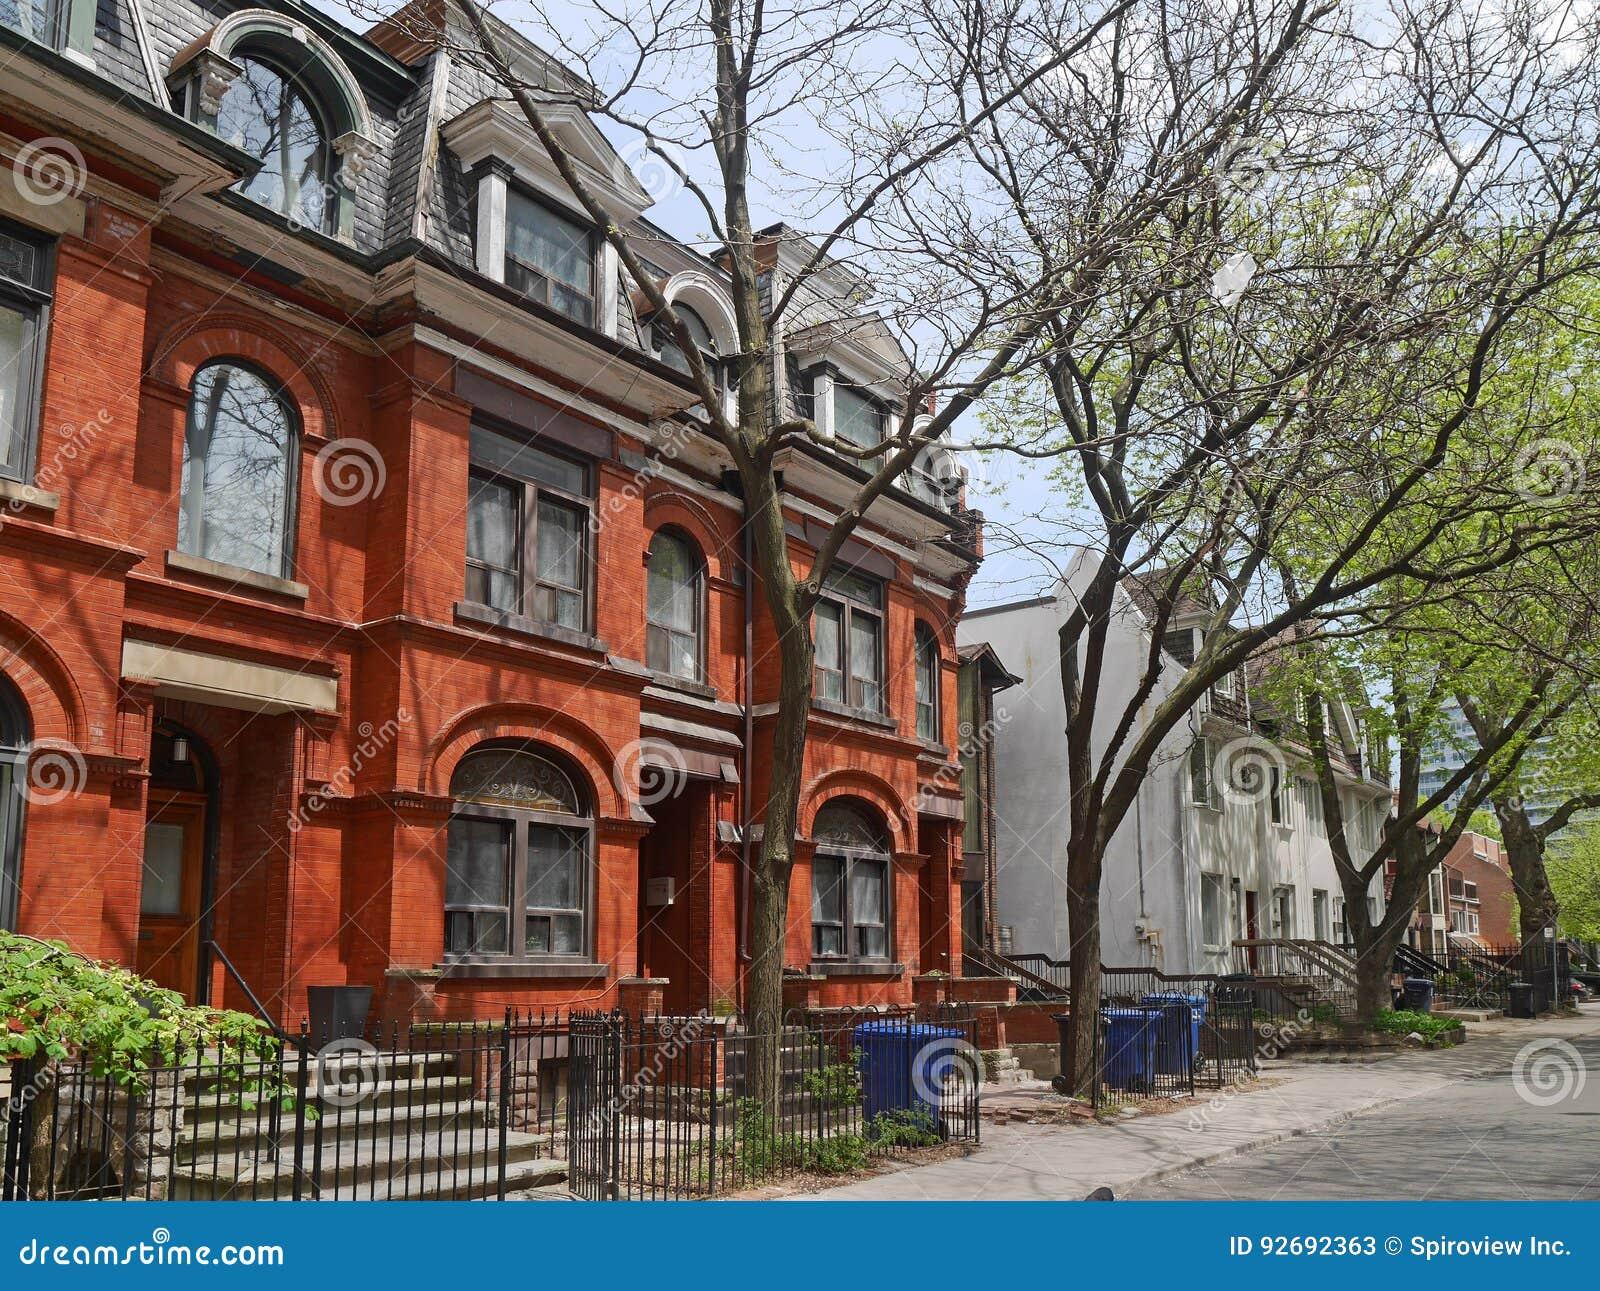 Außergewöhnlich Häuser Stile Galerie Von Pattern Große Häuser Des Viktorianischen Stils Stockbild